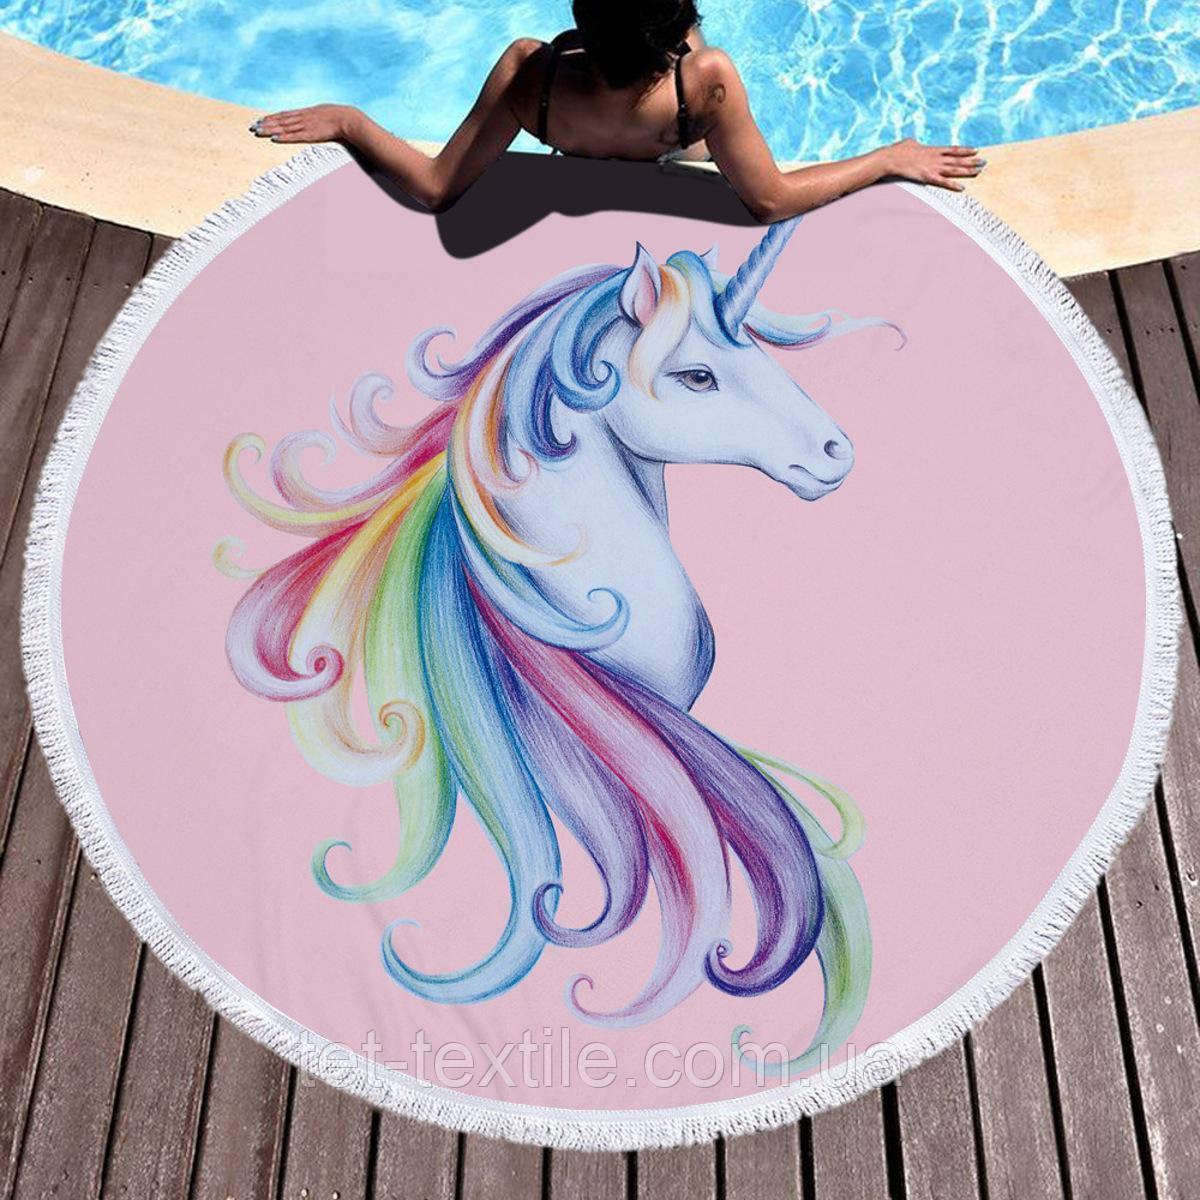 Круглое пляжное полотенце Единорог (150 см.)